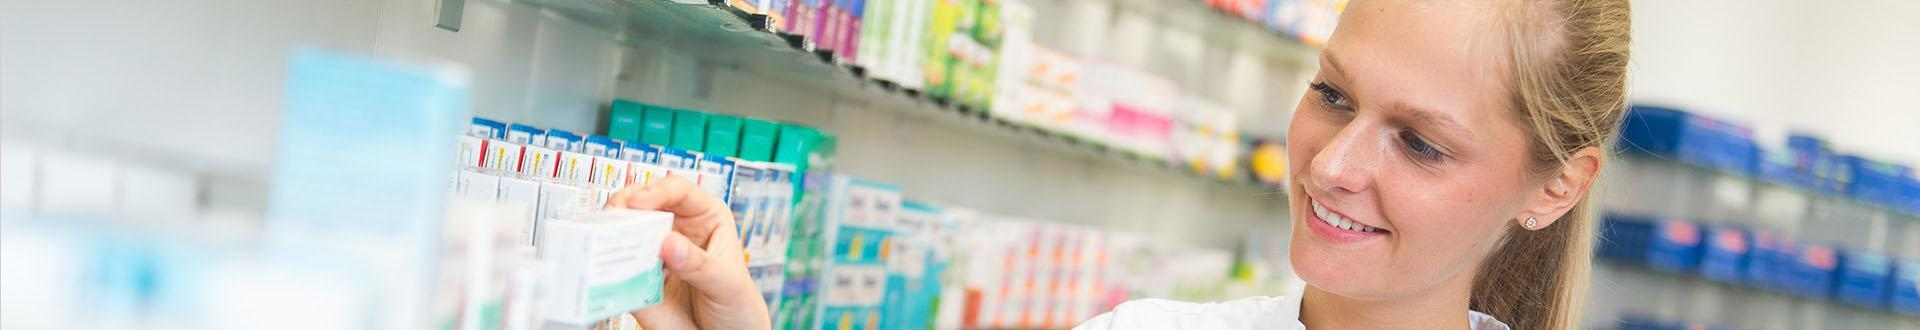 farmaceuta bierze lek z półki